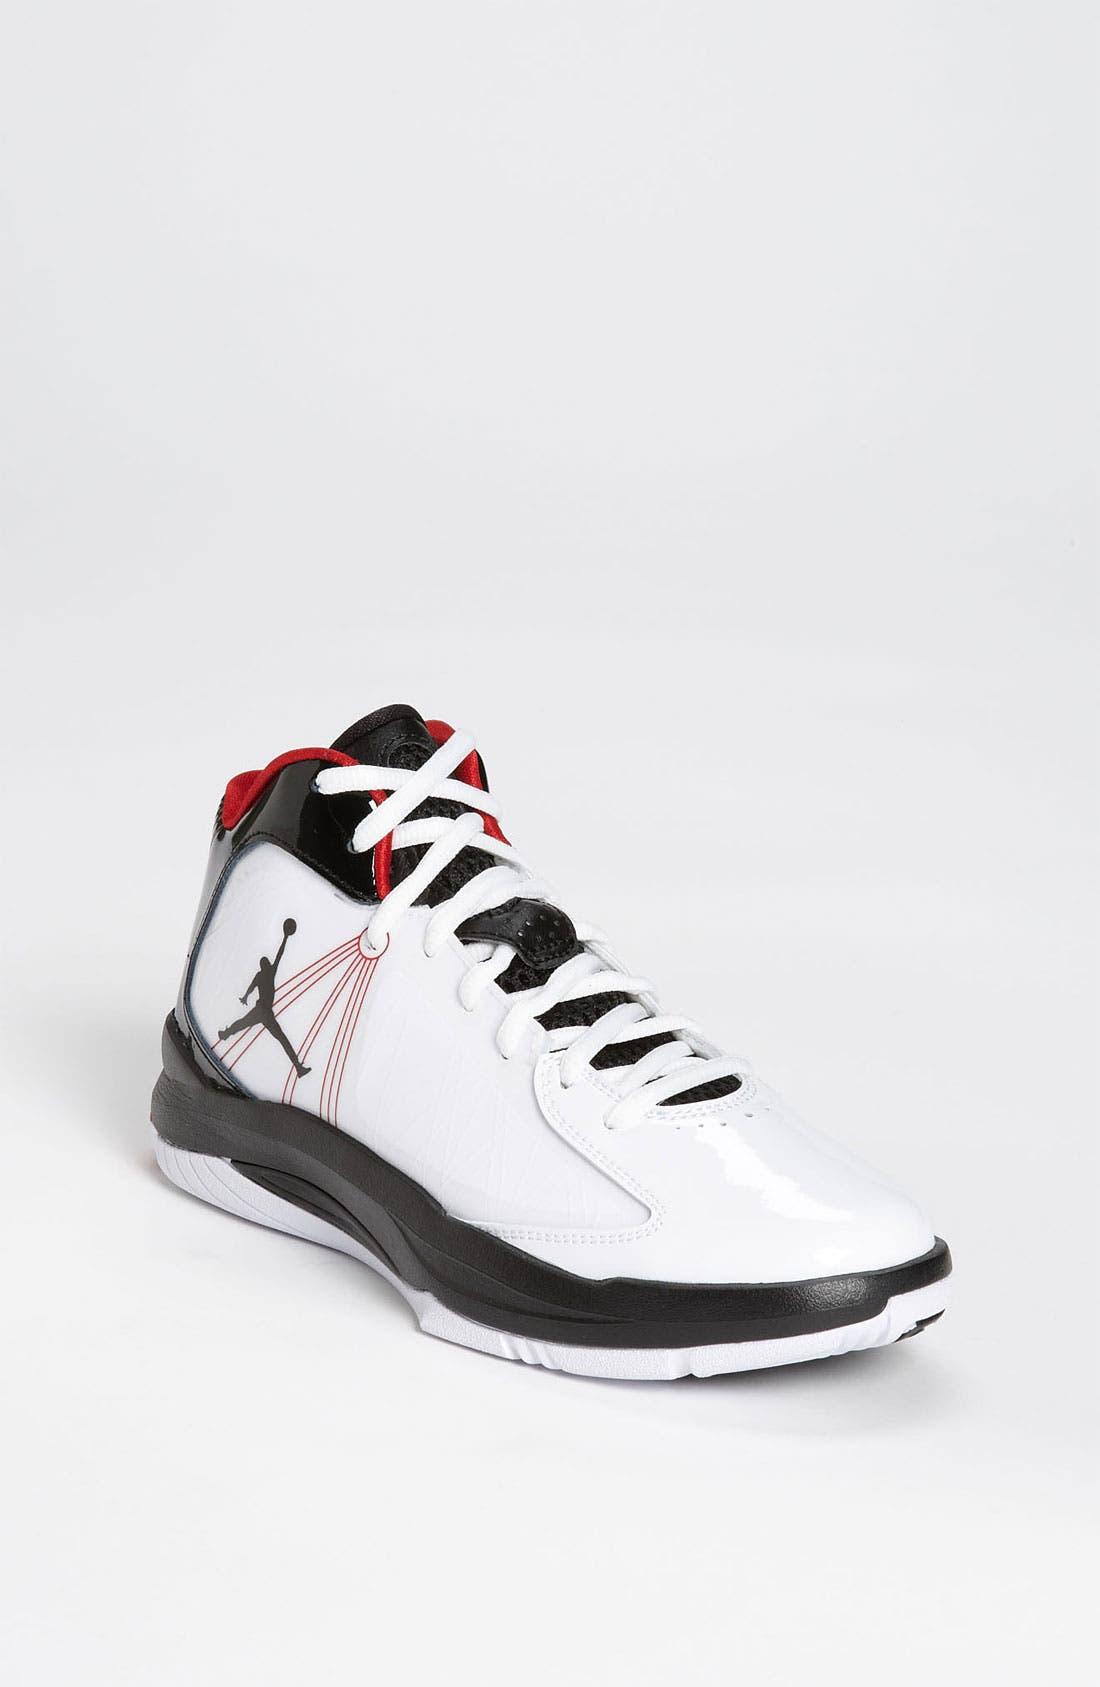 Main Image - Nike 'Jordan Aero Flight' Sneaker (Big Kid)